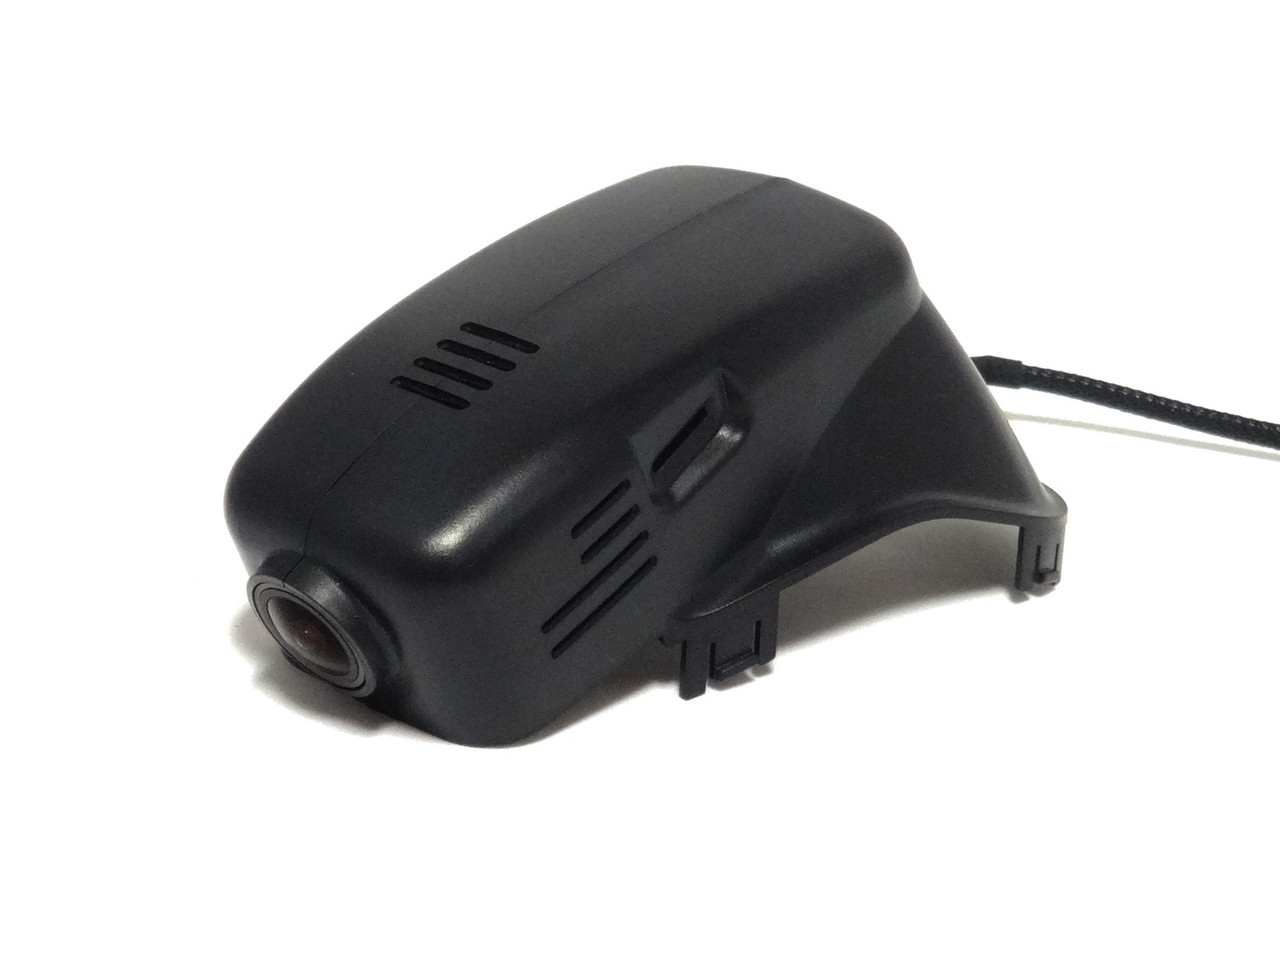 Видеорегистратор Falcon WS-01-VOL01, Wi-Fi Full HD